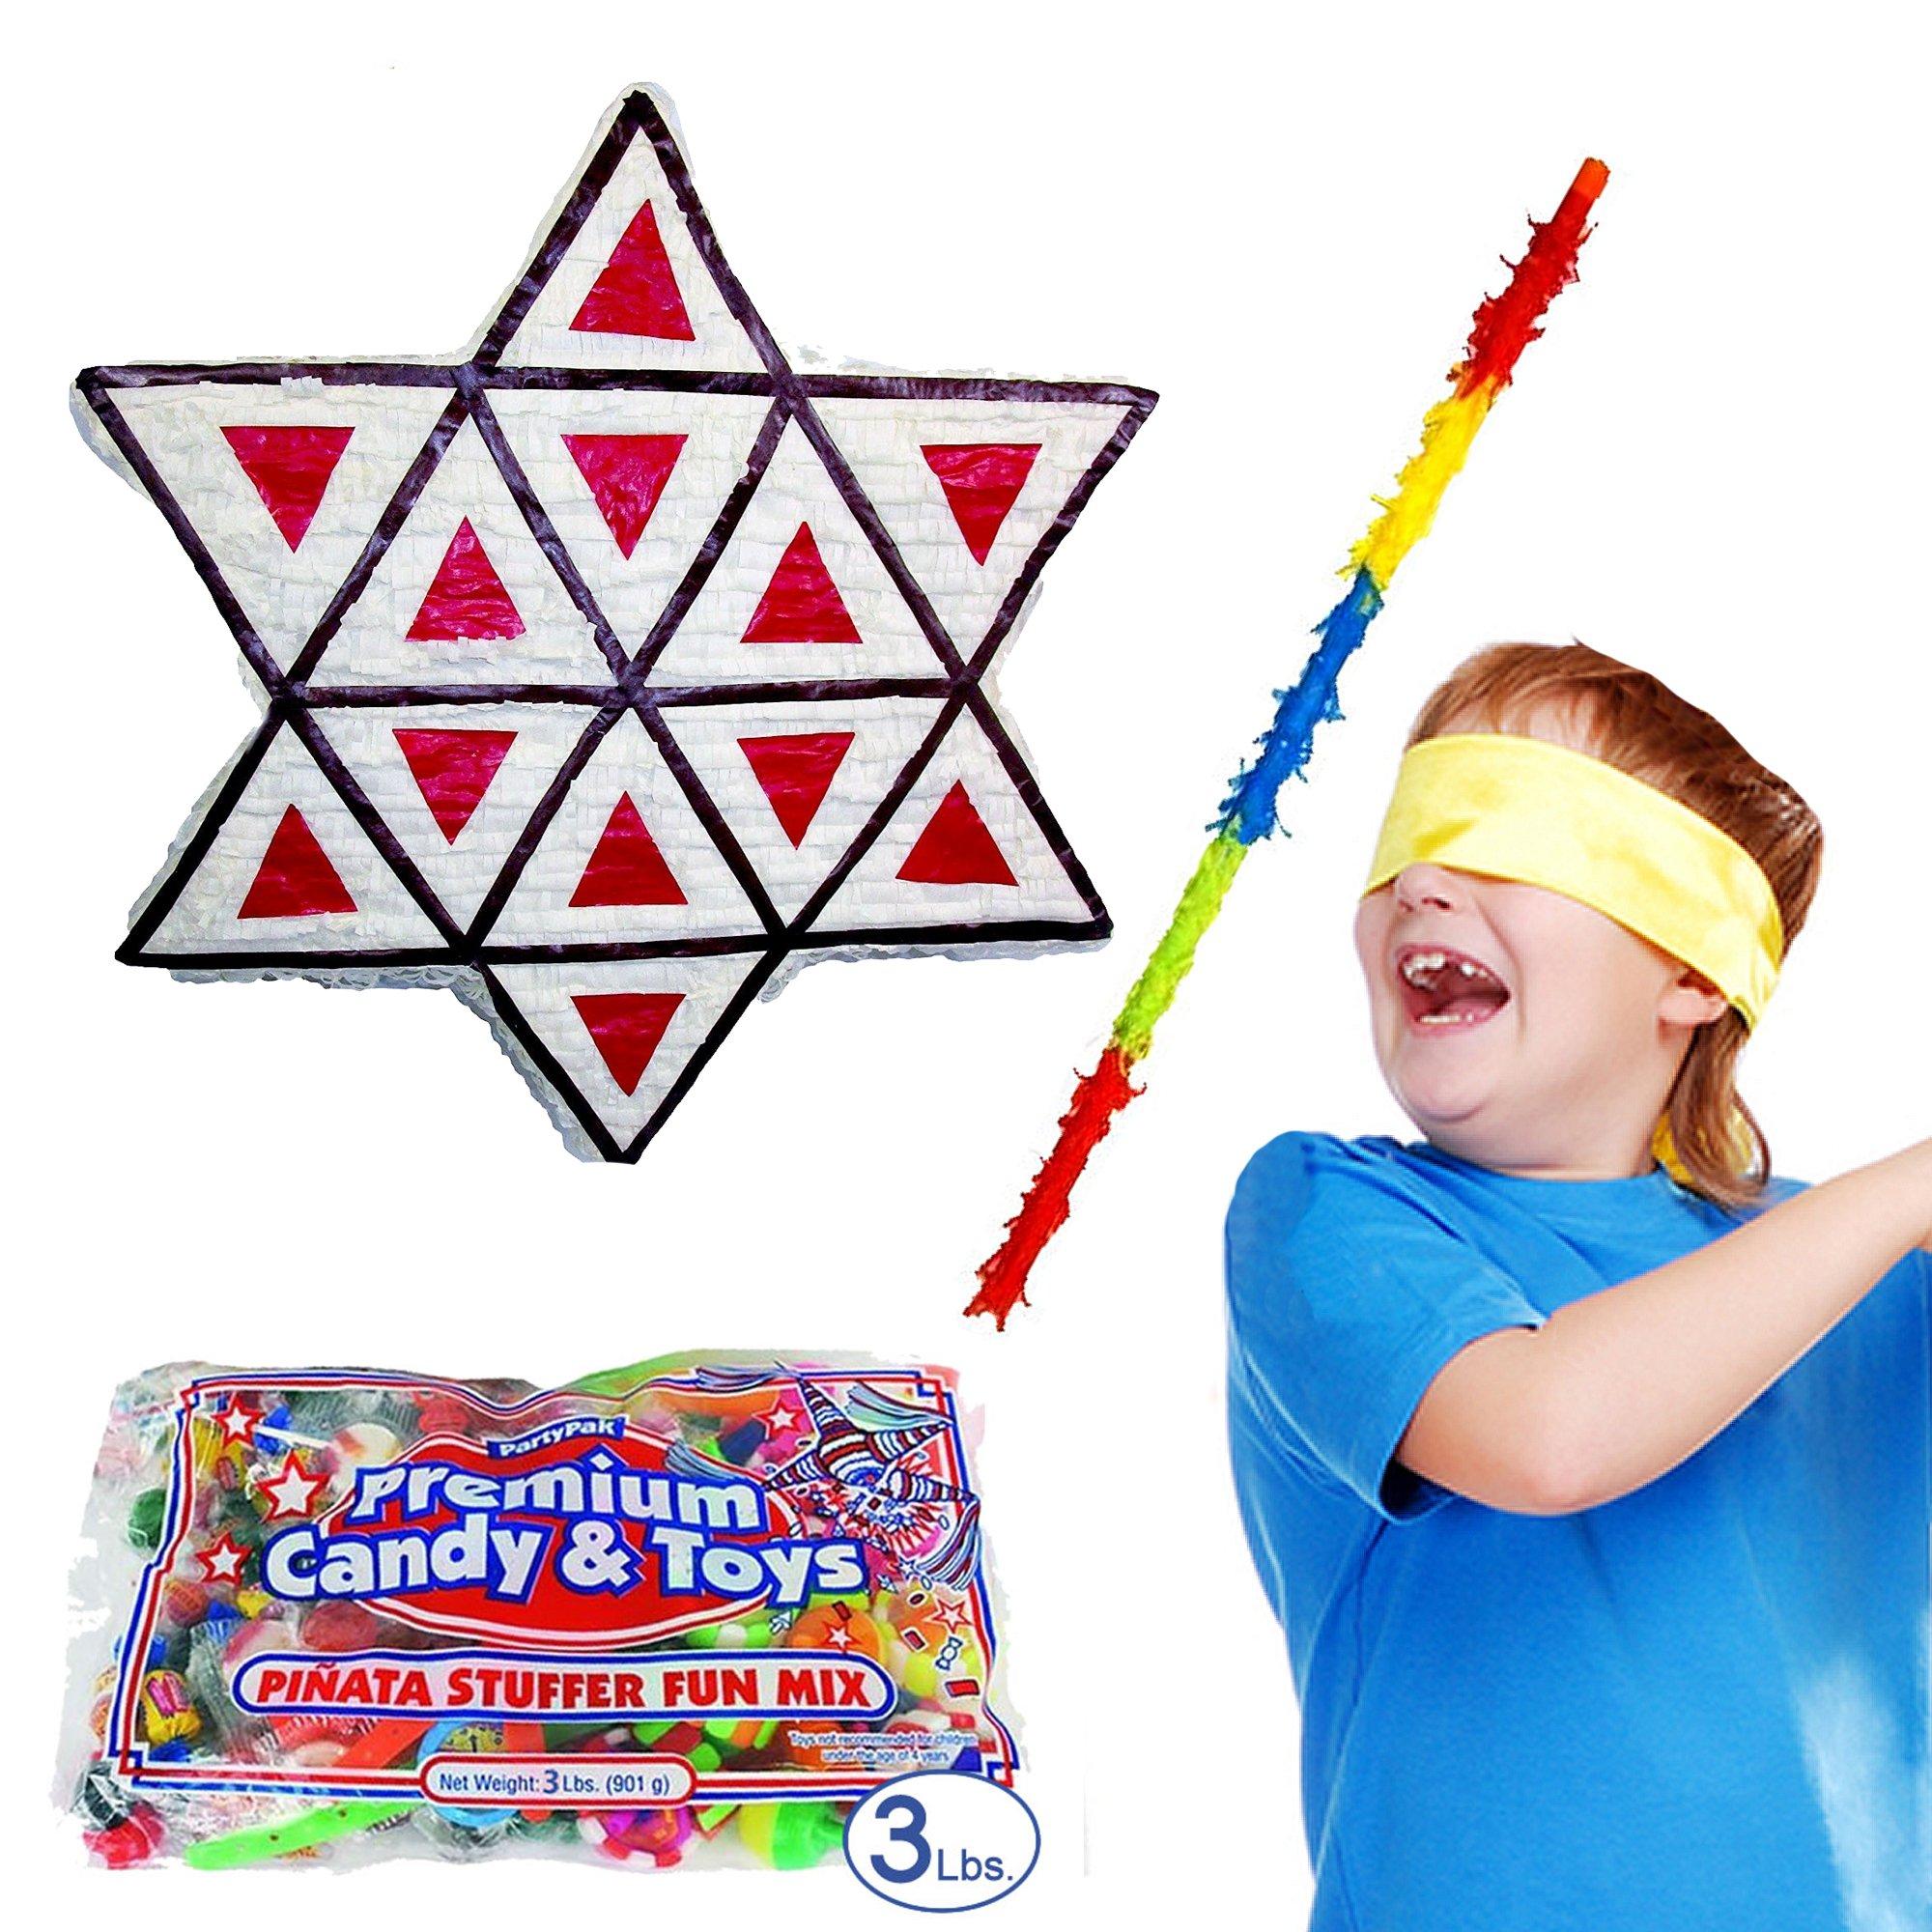 Pinatas Purim Hamant Ashen Pinata Kit Including Pinata, Buster Stick, Bandana, Toy and Candy Filler, 3 lb. by Pinatas (Image #1)